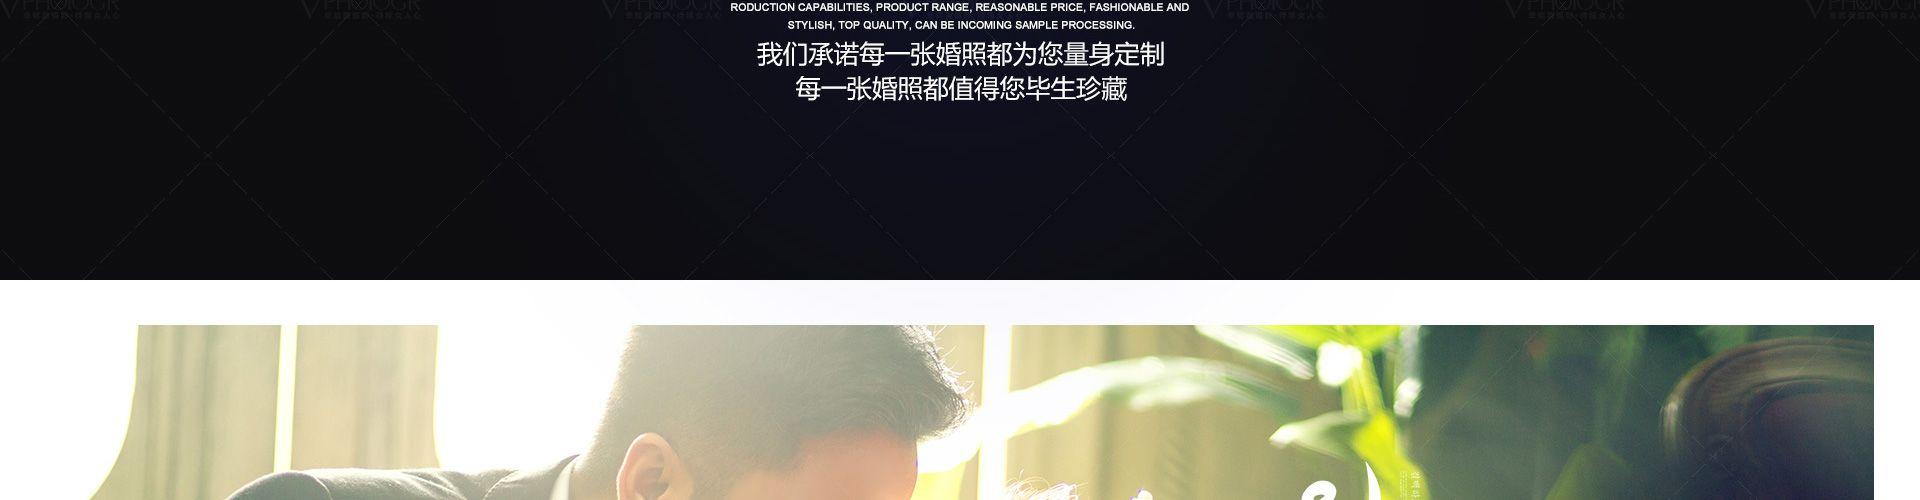 佳片集锦第10季